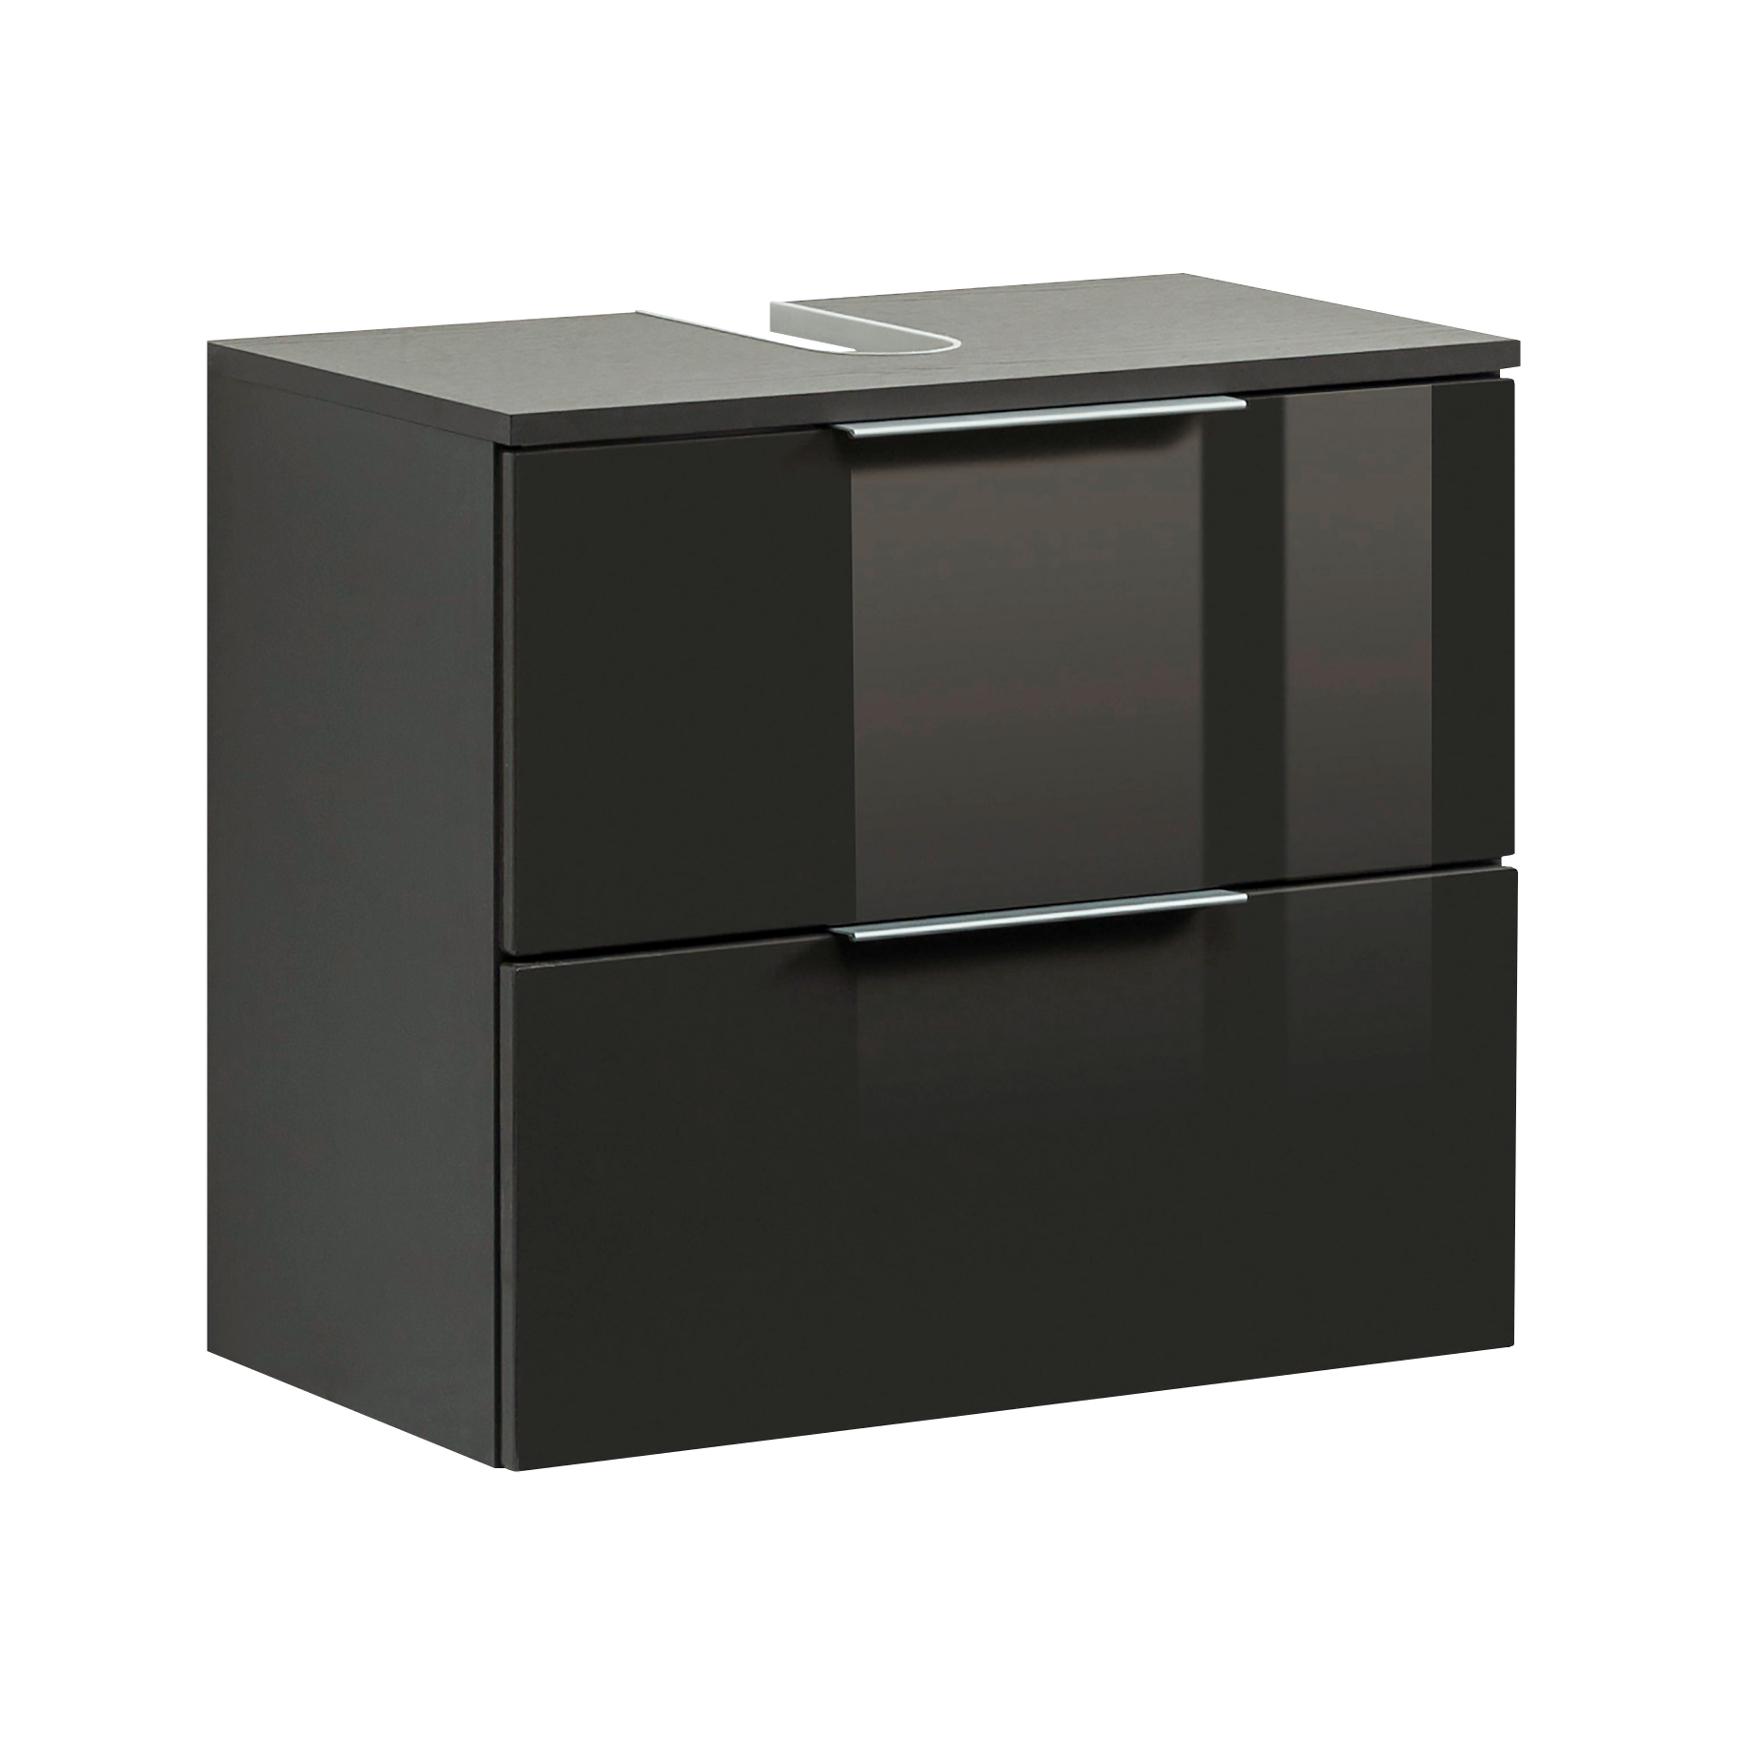 bad waschbeckenunterschrank ravello 1 klappe 1 auszug. Black Bedroom Furniture Sets. Home Design Ideas